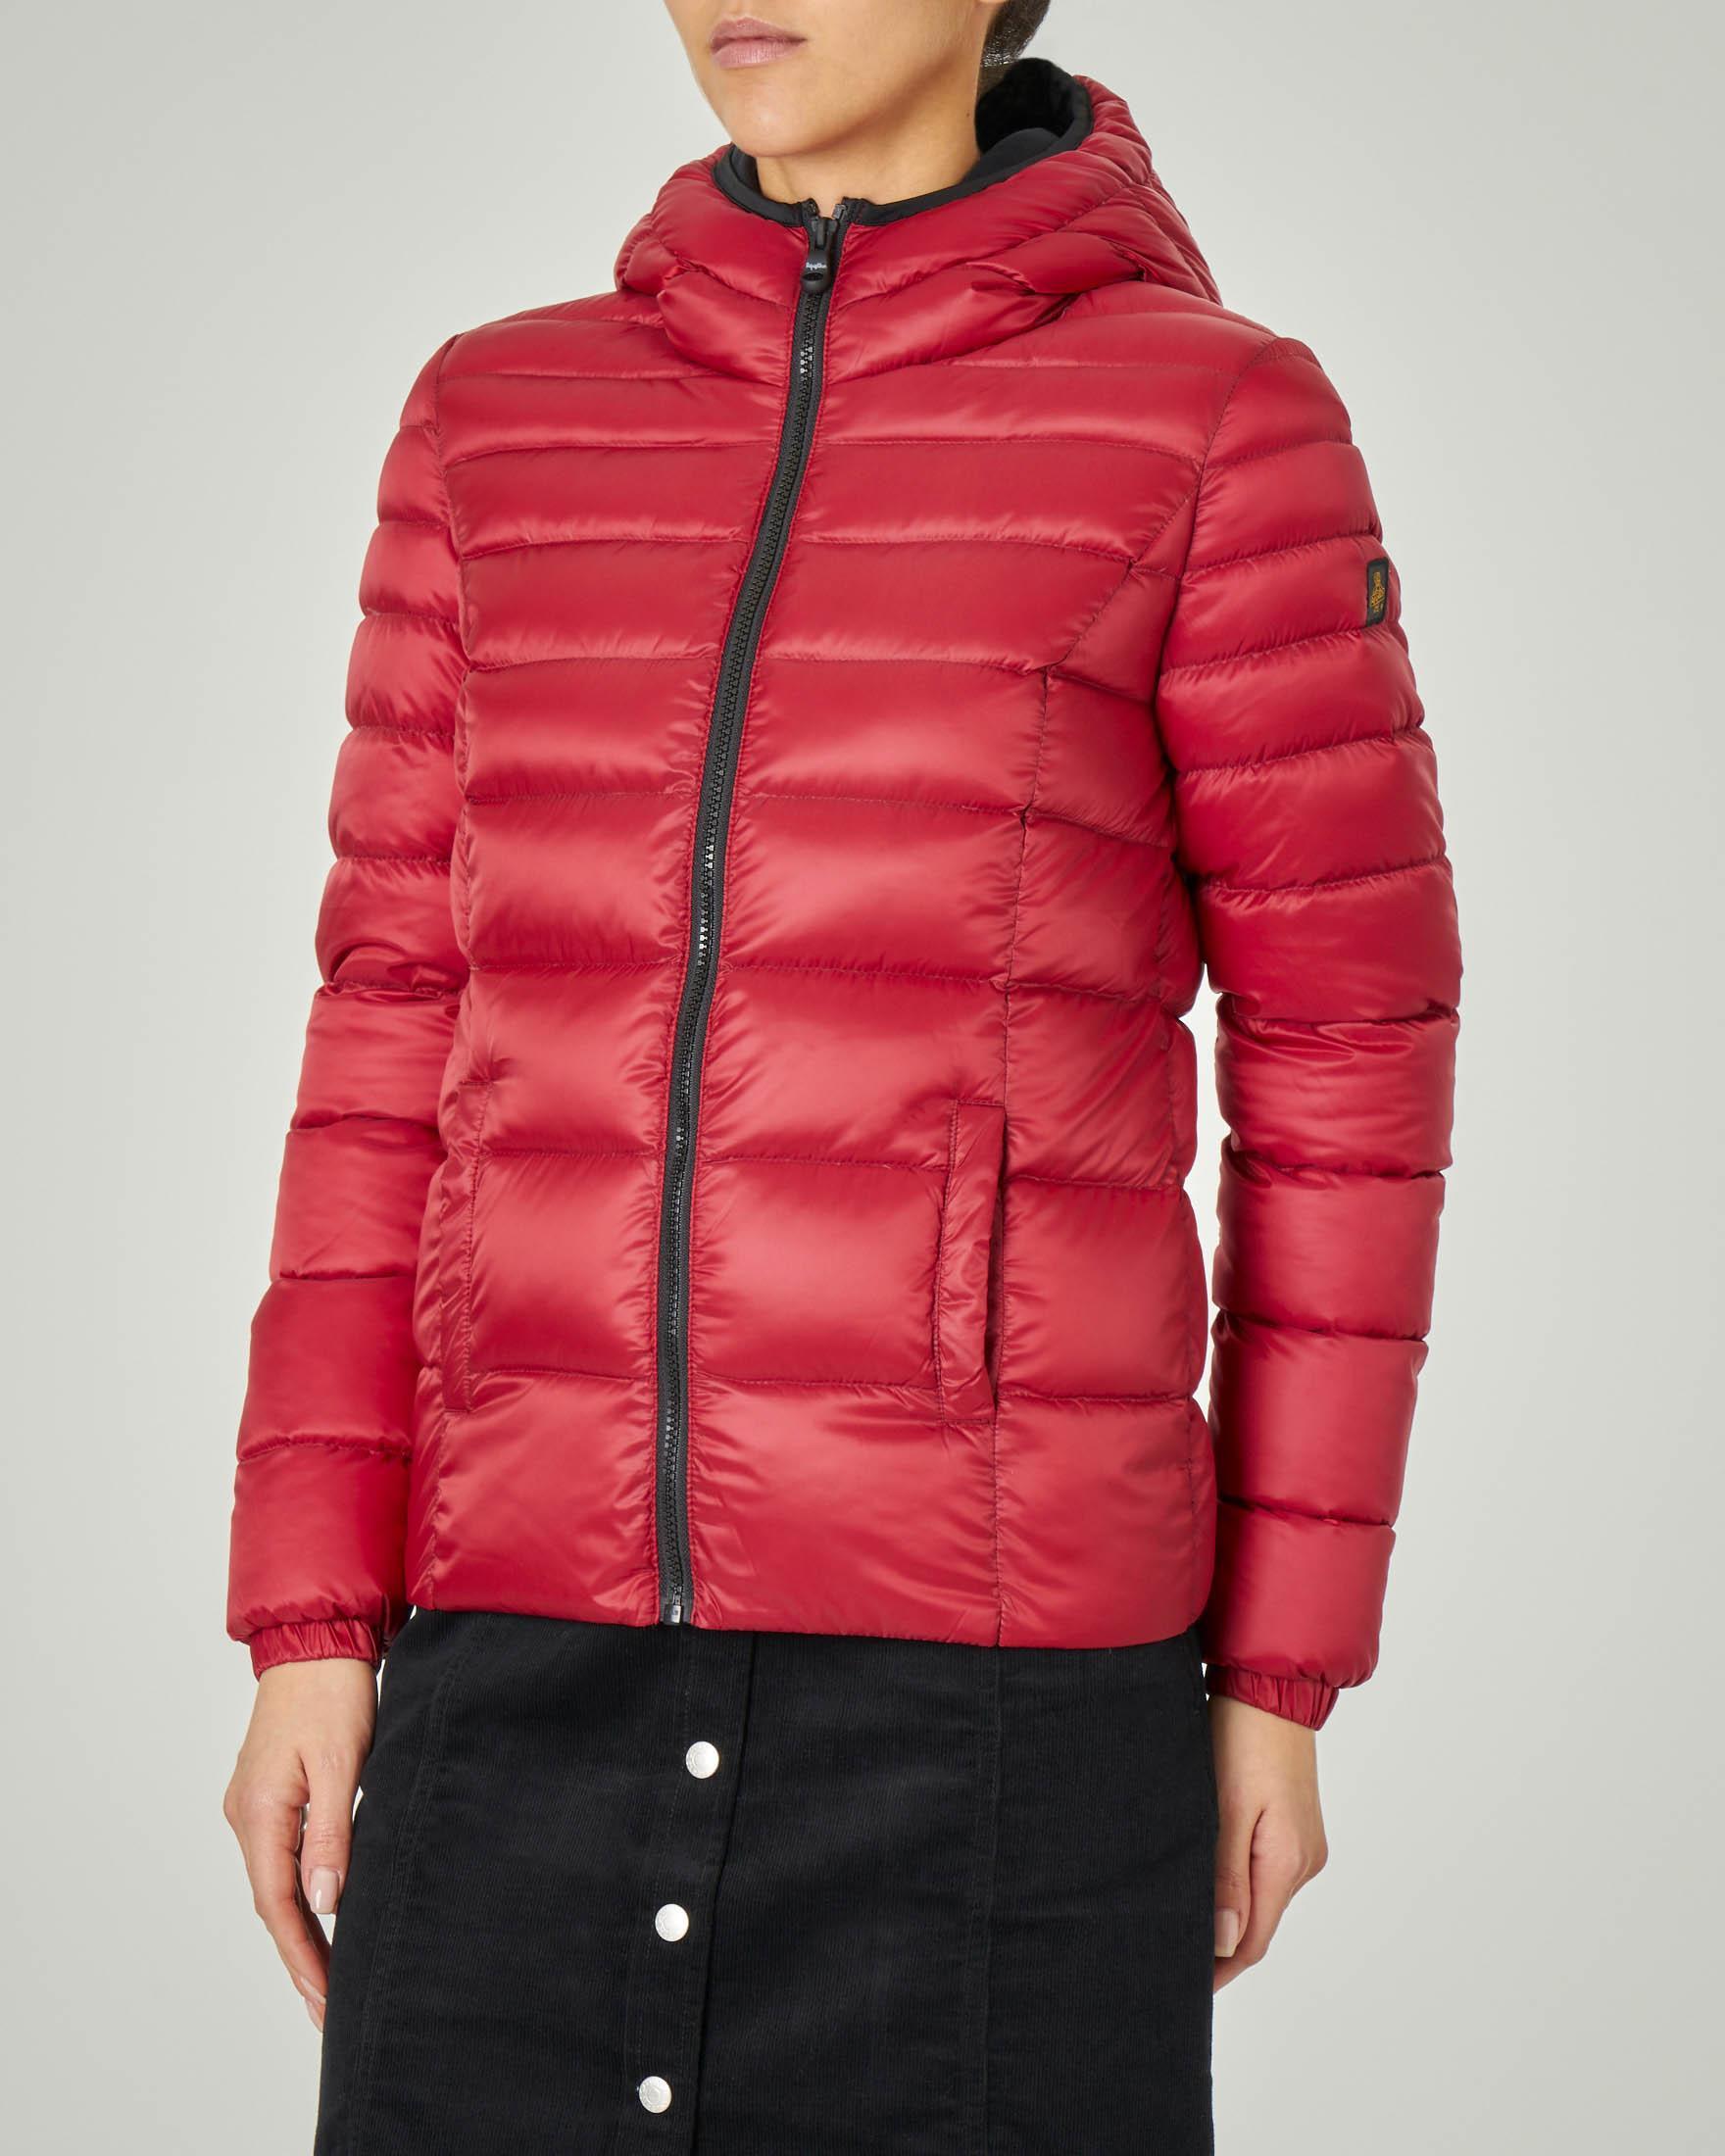 Piumino corto rosso modello Mead Jacket con cappuccio fisso e dettagli a contrasto